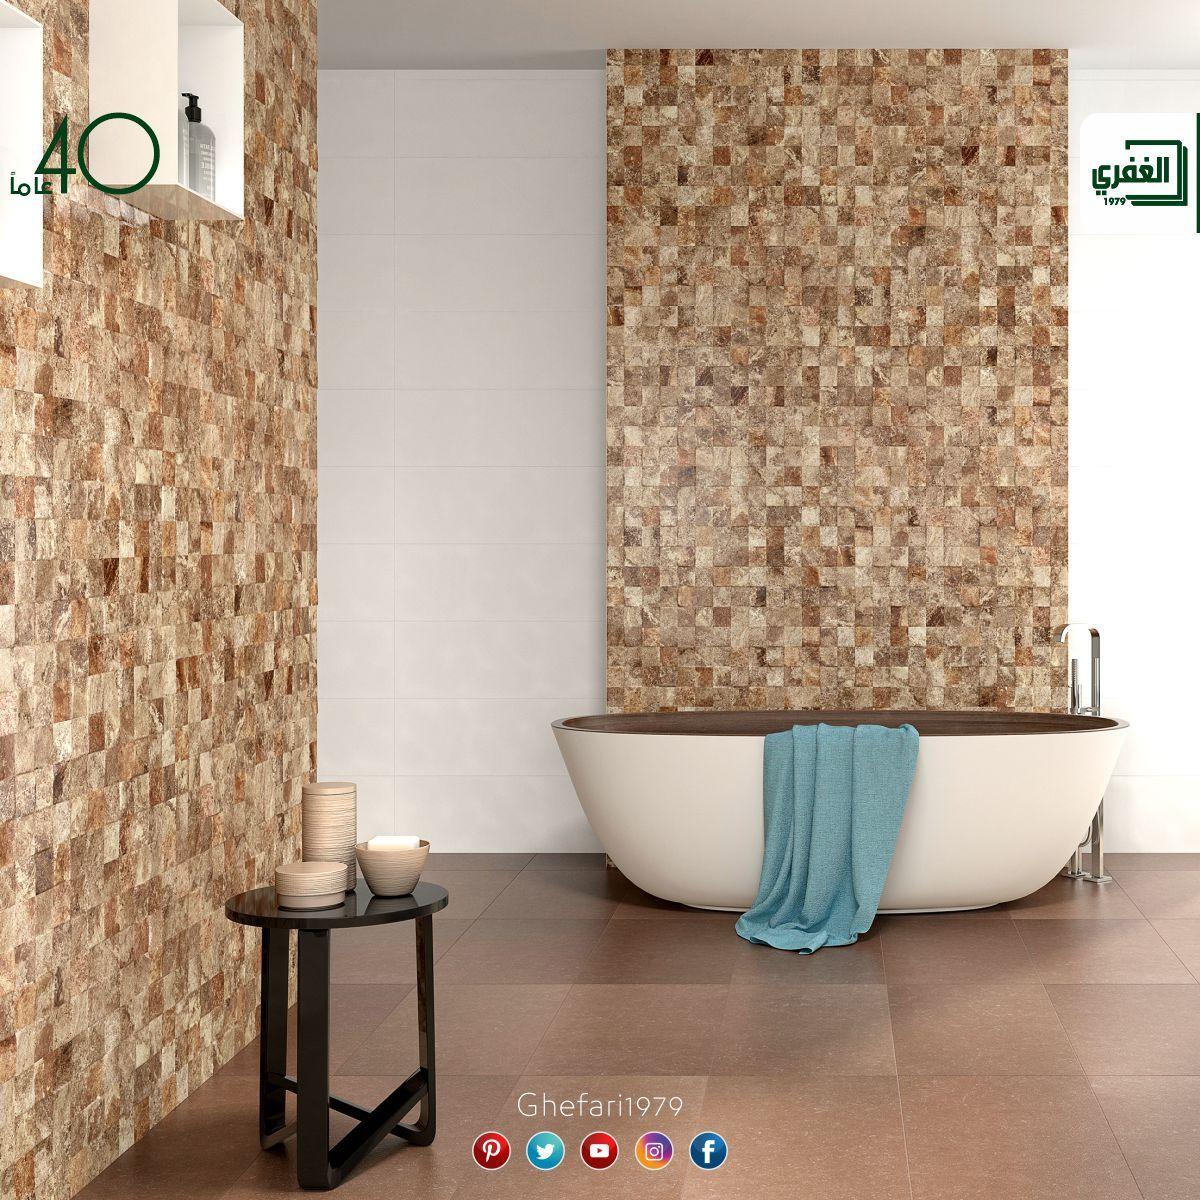 بلاط للاستخدام داخل الحمامات والمطابخ للمزيد زورونا على موقع الشركة Https Www Ghefari Com Ar Ardoise واتس اب 00972599417956 House Painting New Homes Bathtub